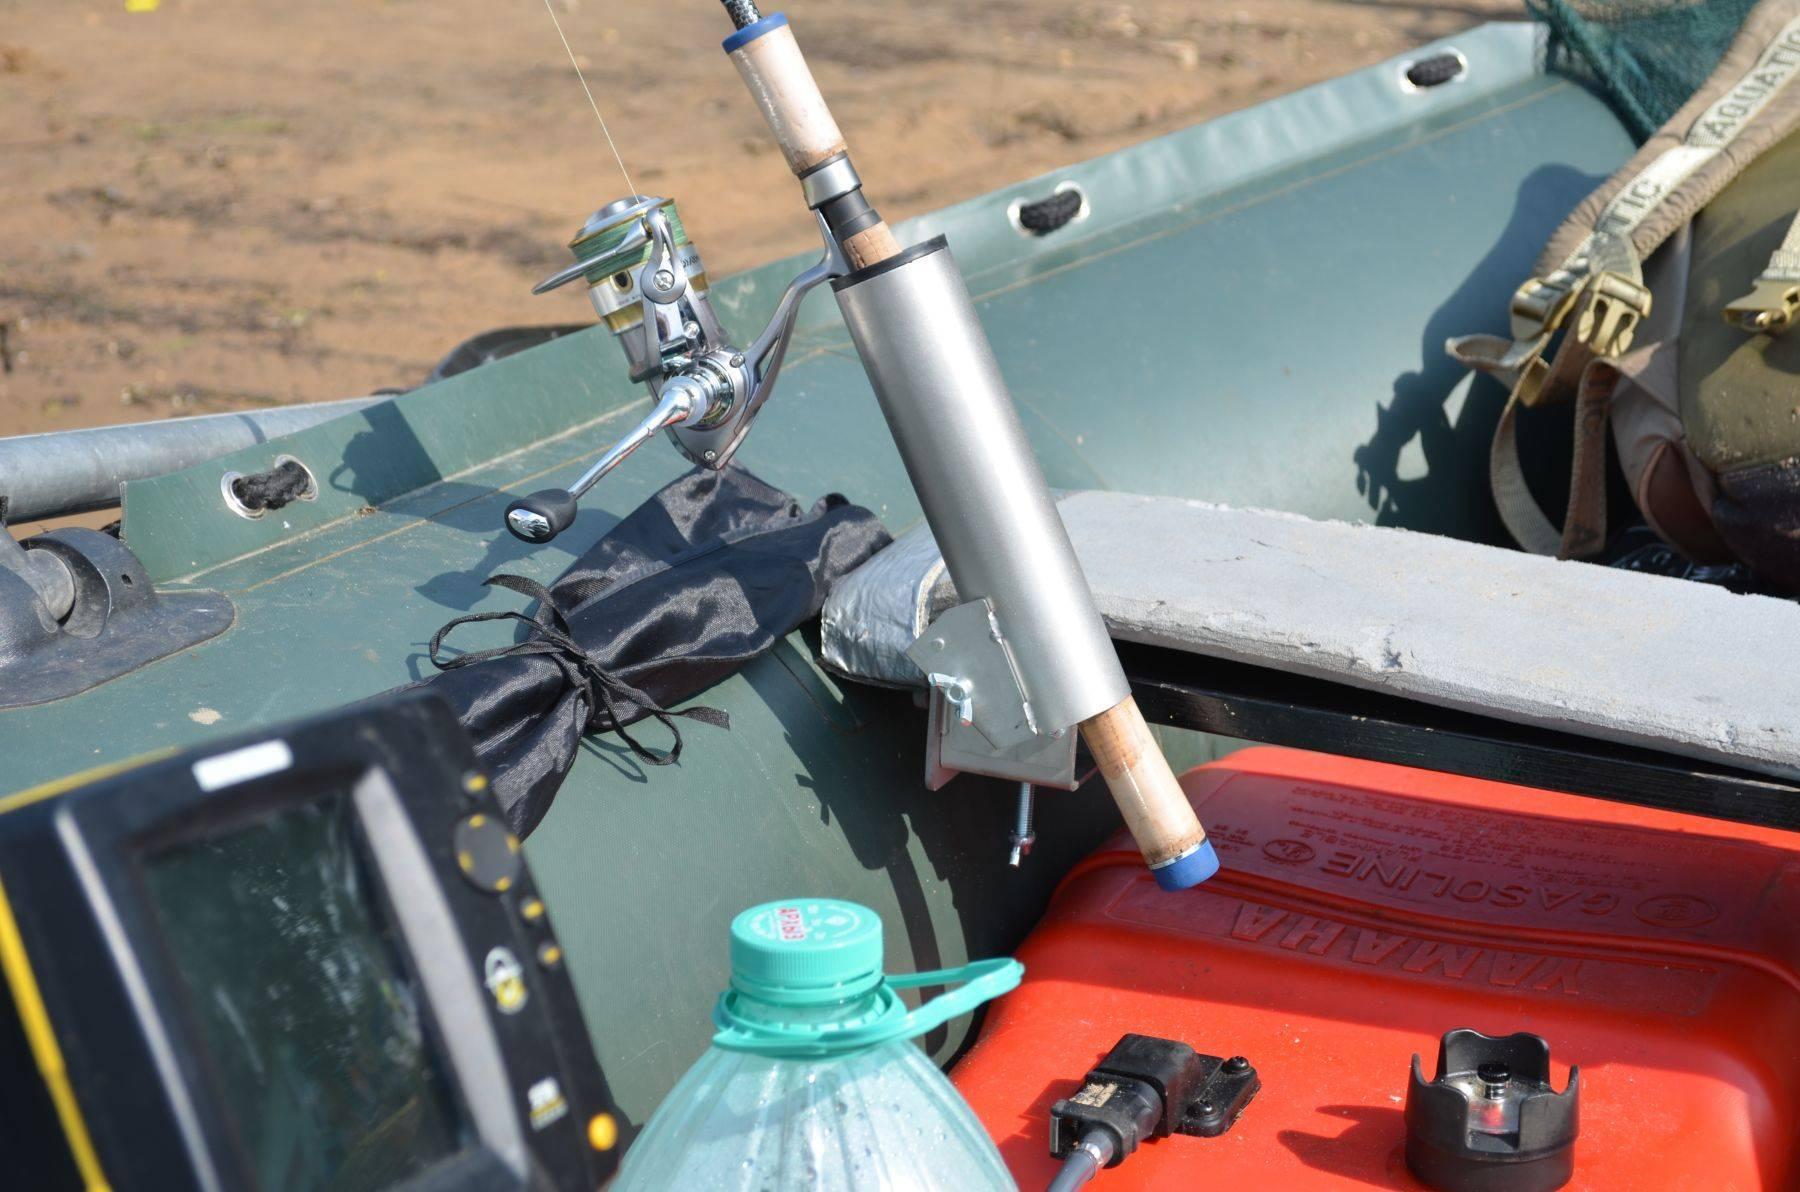 Держатели удочек на лодки: выбор подставки для спиннинга на пвх-лодку, держатели удилищ на ликтрос и на транец, другие модели